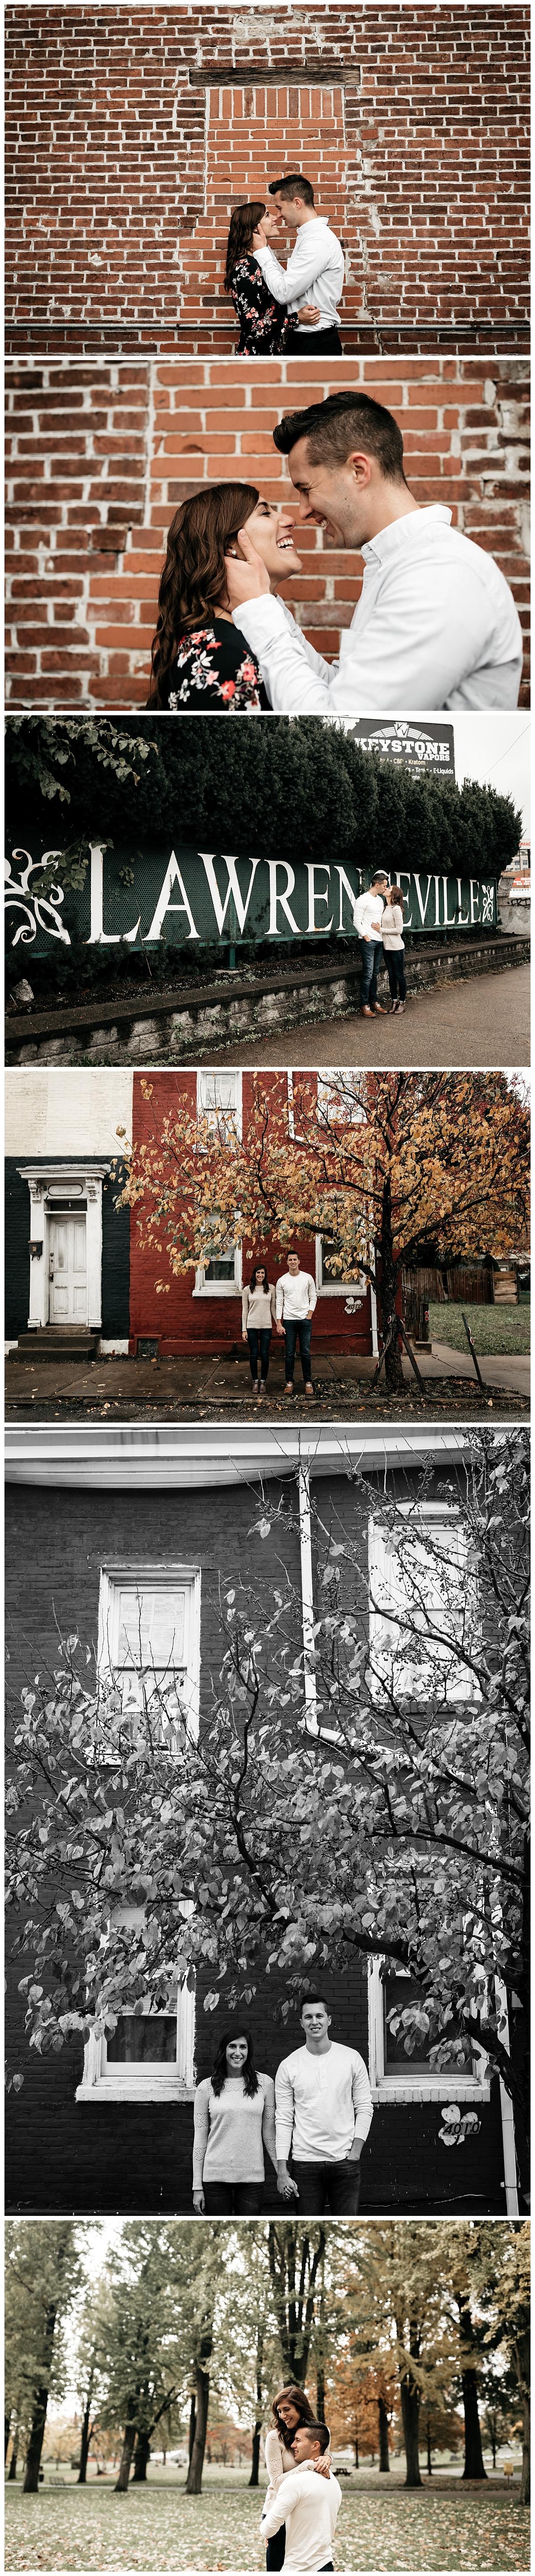 lawrencevillepittsburghengagementphotos_0003.jpg